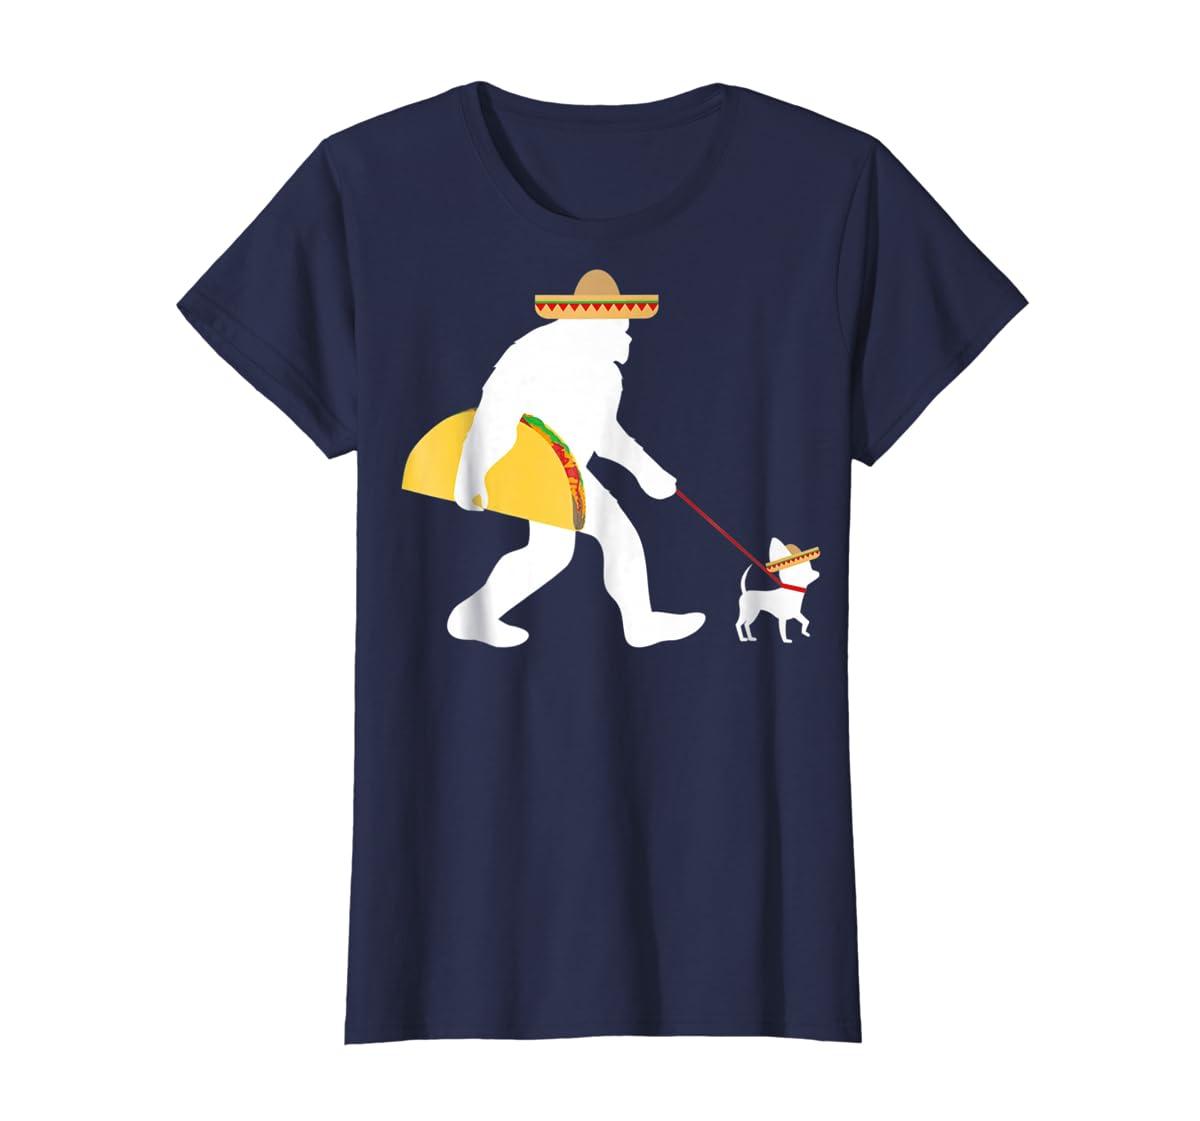 Bigfoot Taco Sombrero Chihuahua Dog Cinco de Mayo T-shirt-Women's T-Shirt-Navy